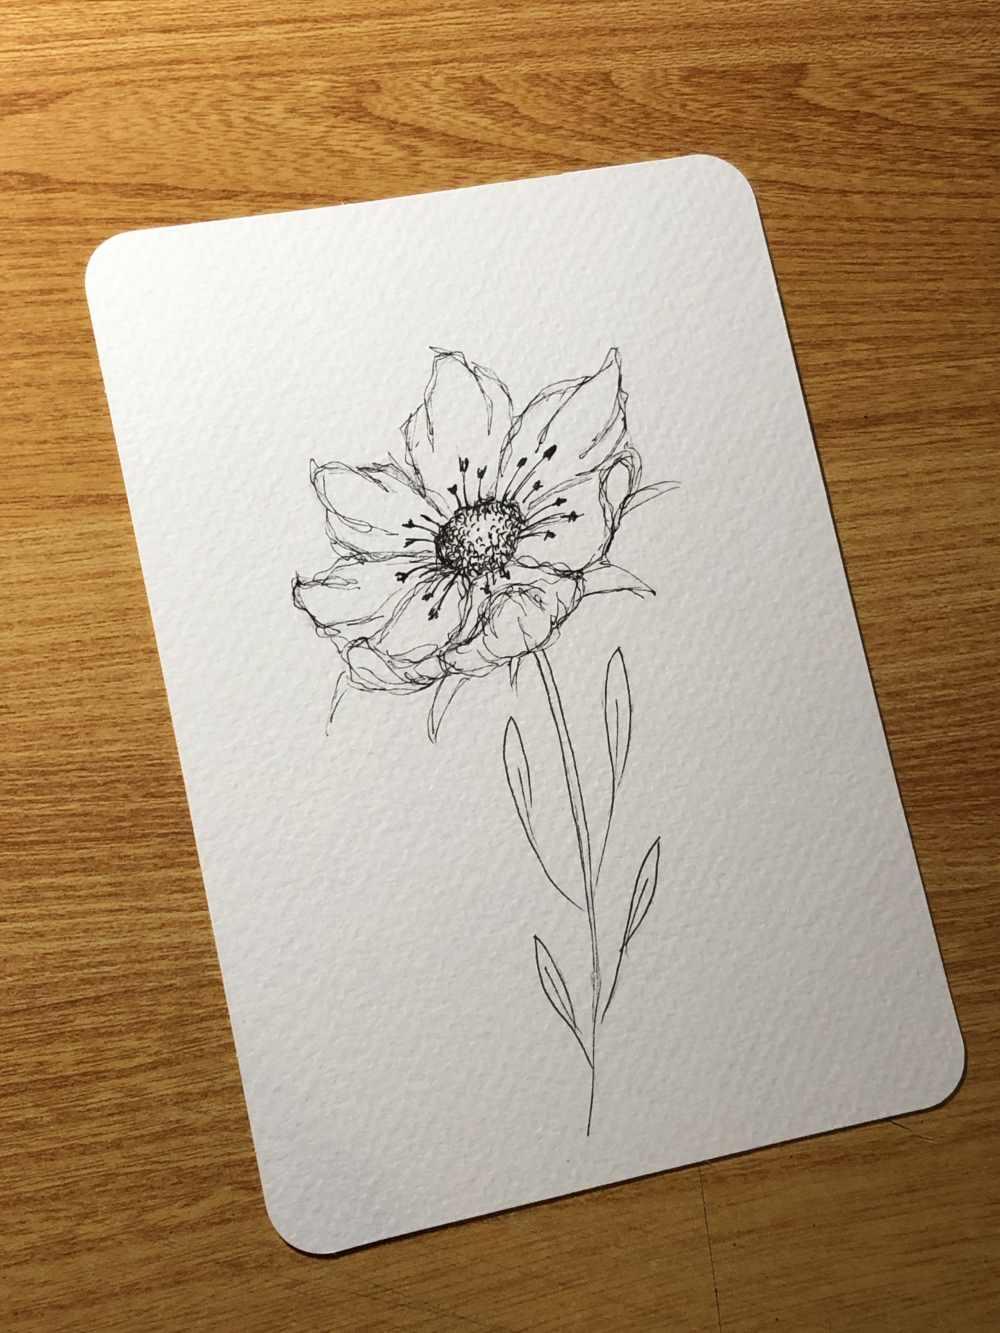 Blume in Schwarz Weiss einfach gezeichnet mit der Ellipsentechnik